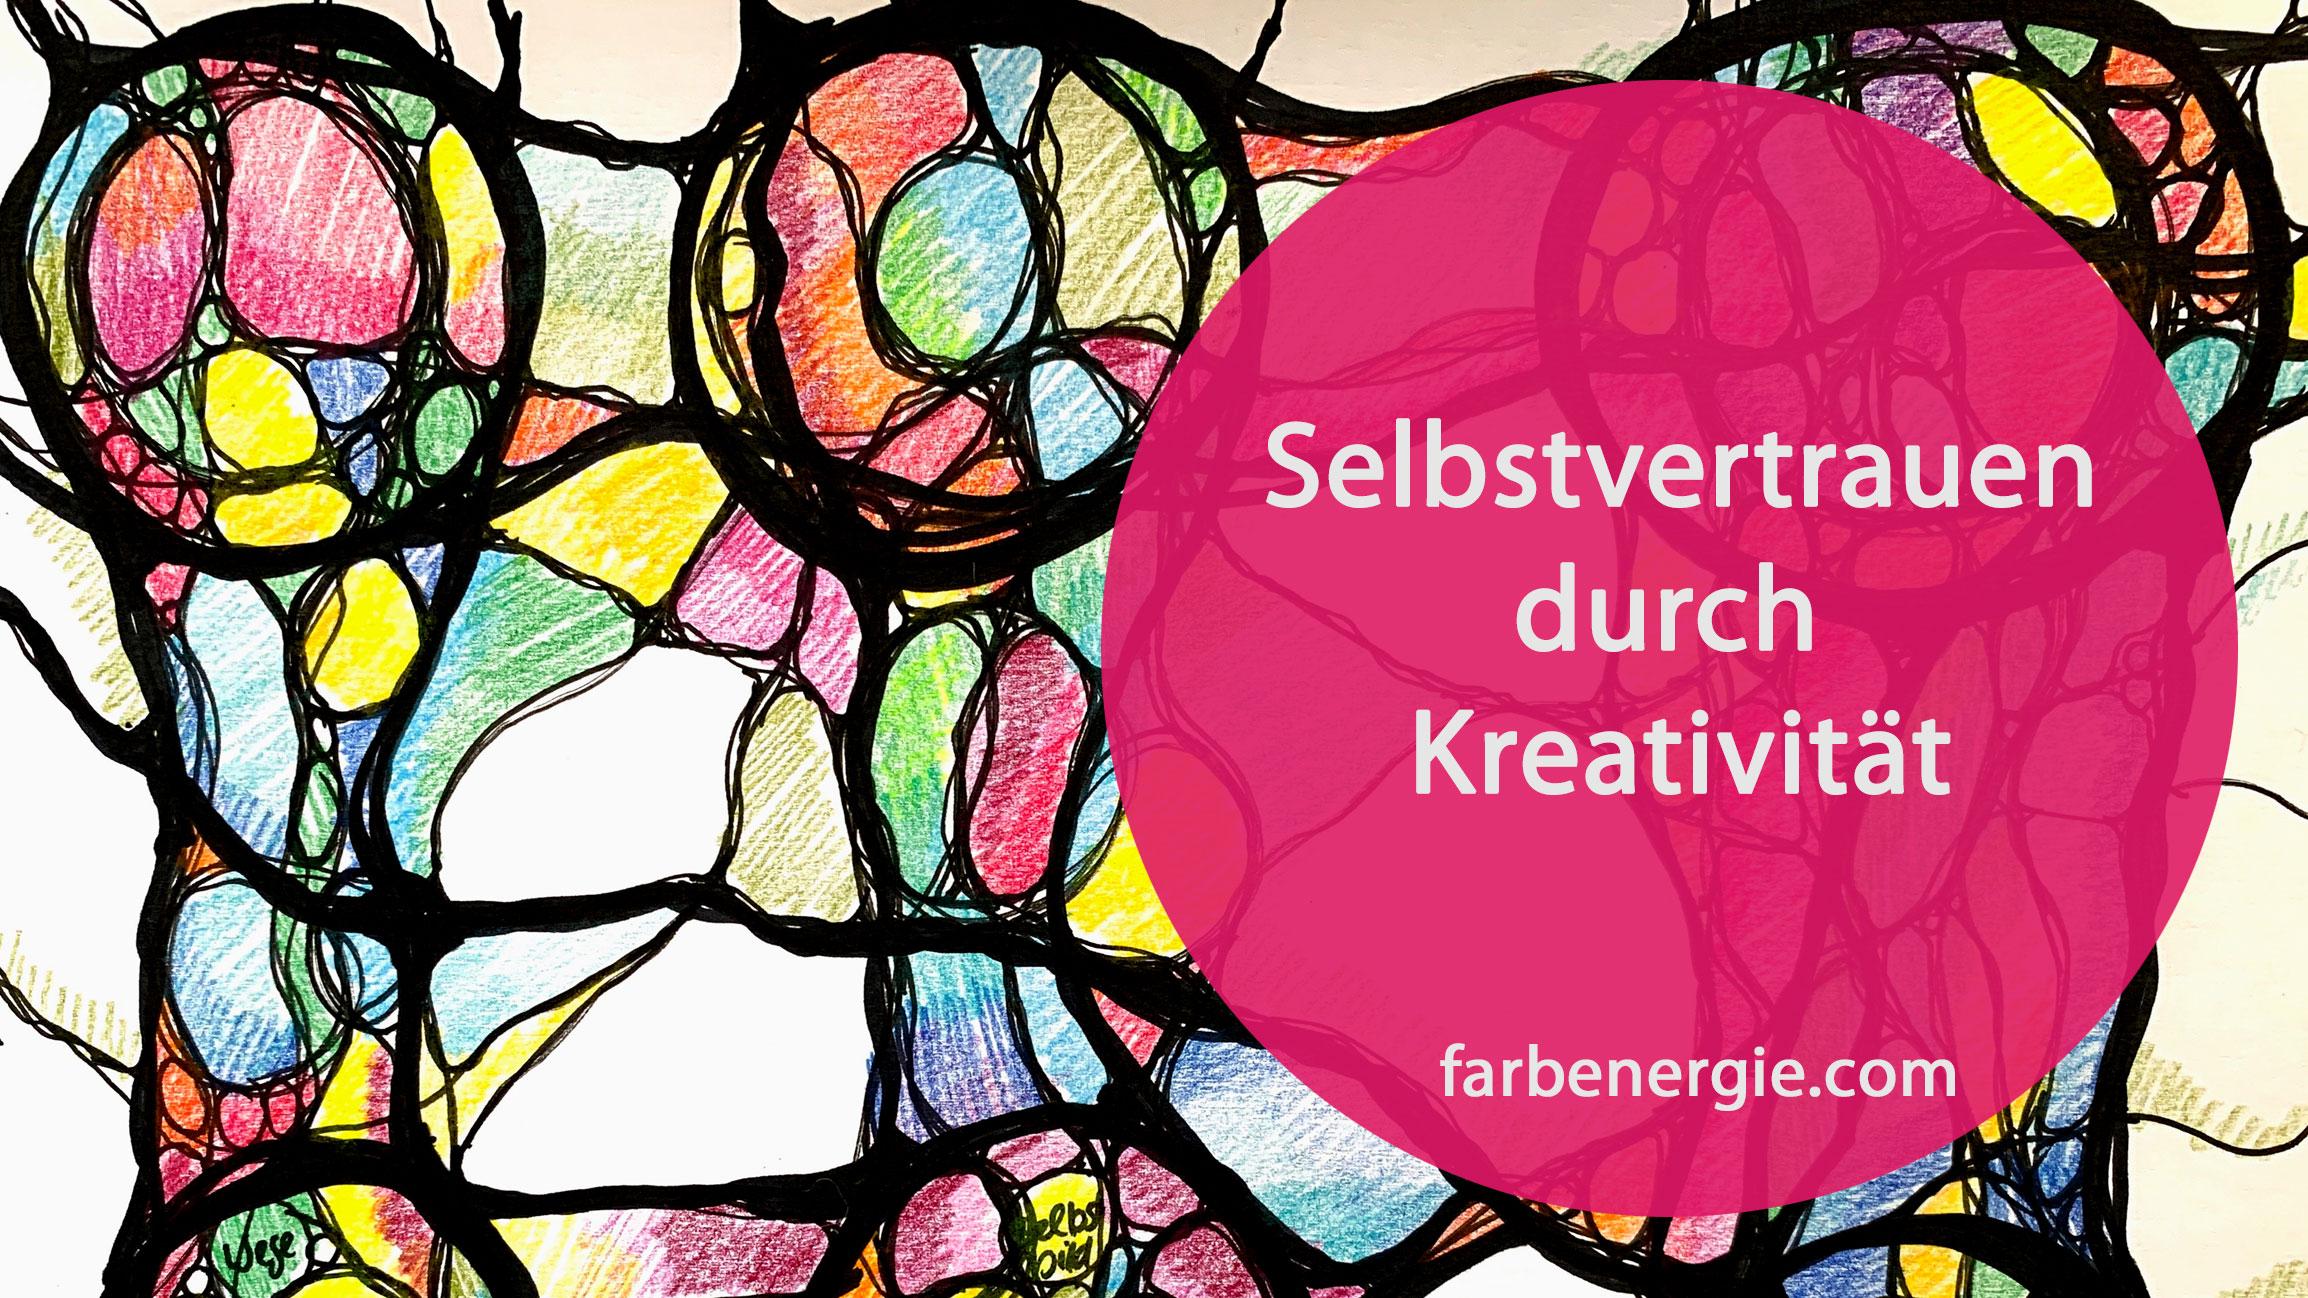 Selbstvertrauen durch Kreativitaet